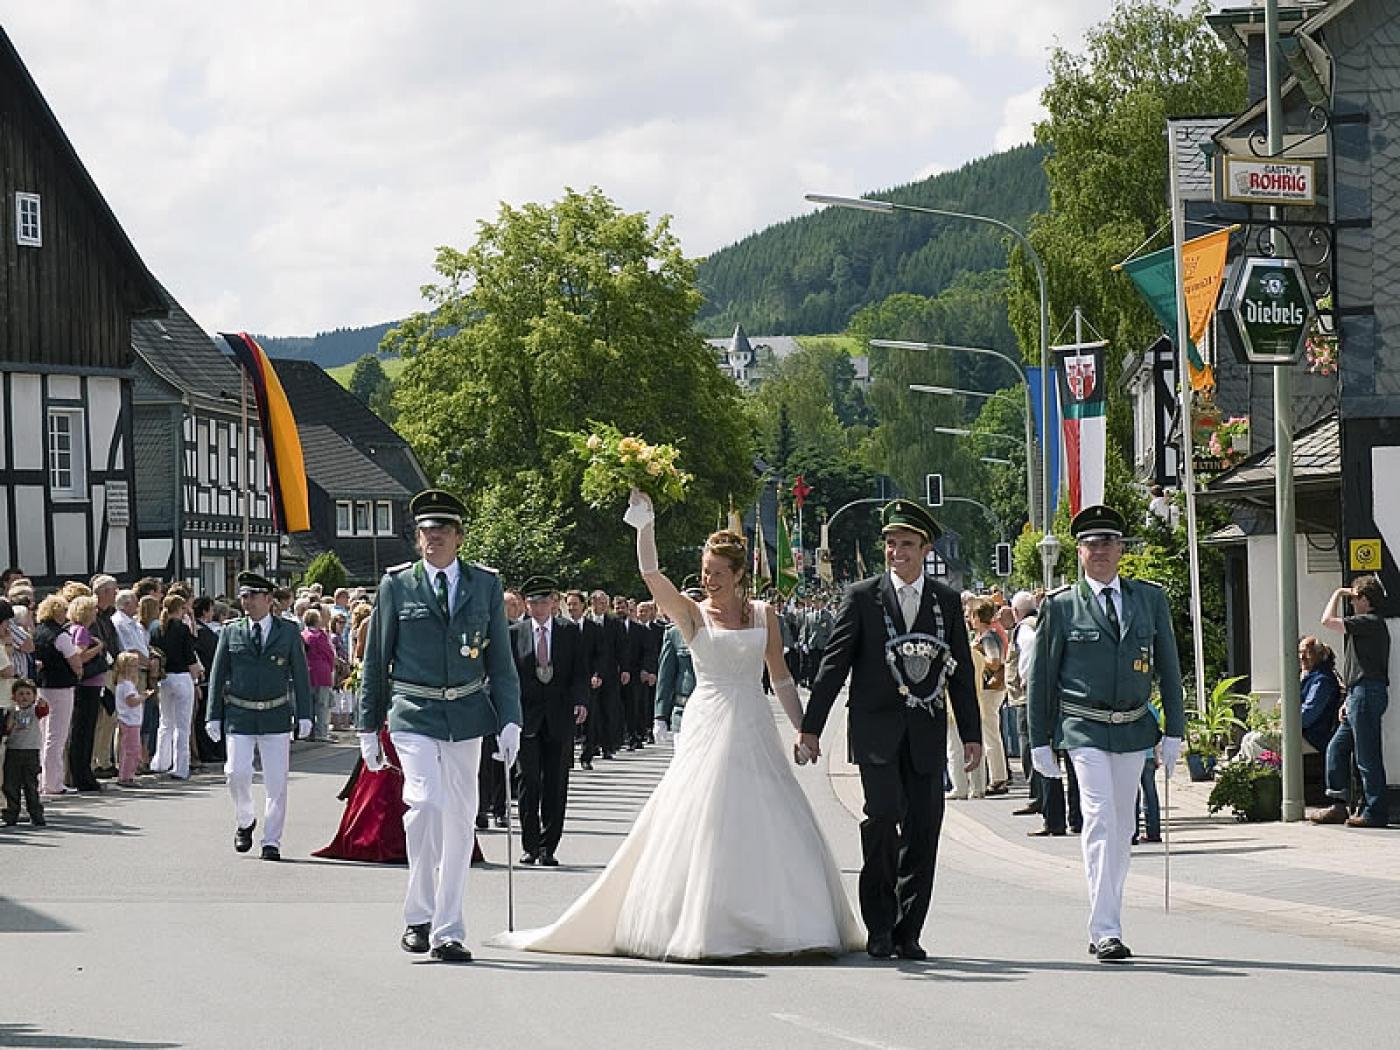 Schützenfest in Fleckenberg (Schmallenberg)